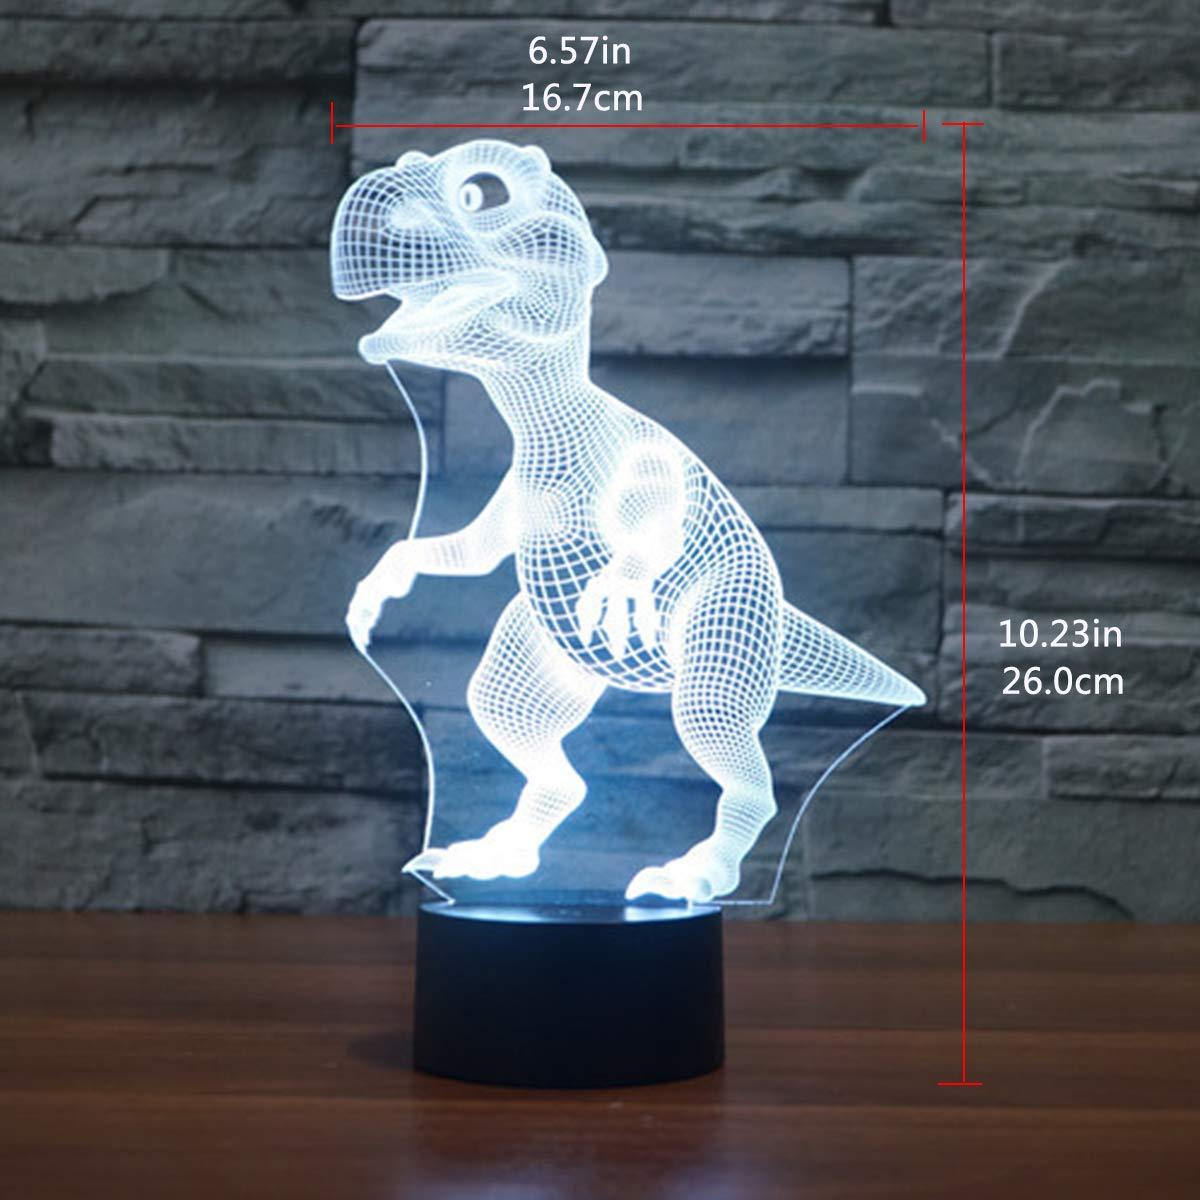 EASEHOME LED L/ámpara de Mesa Luces de Noche para Ni/ños Decoraci/ón Tabla L/ámpara de Escritorio 7 Colores Cambio de Bot/ón T/áctil y Cable USB Unicornio 3D L/ámpara /óptico Illusions Luz Nocturna